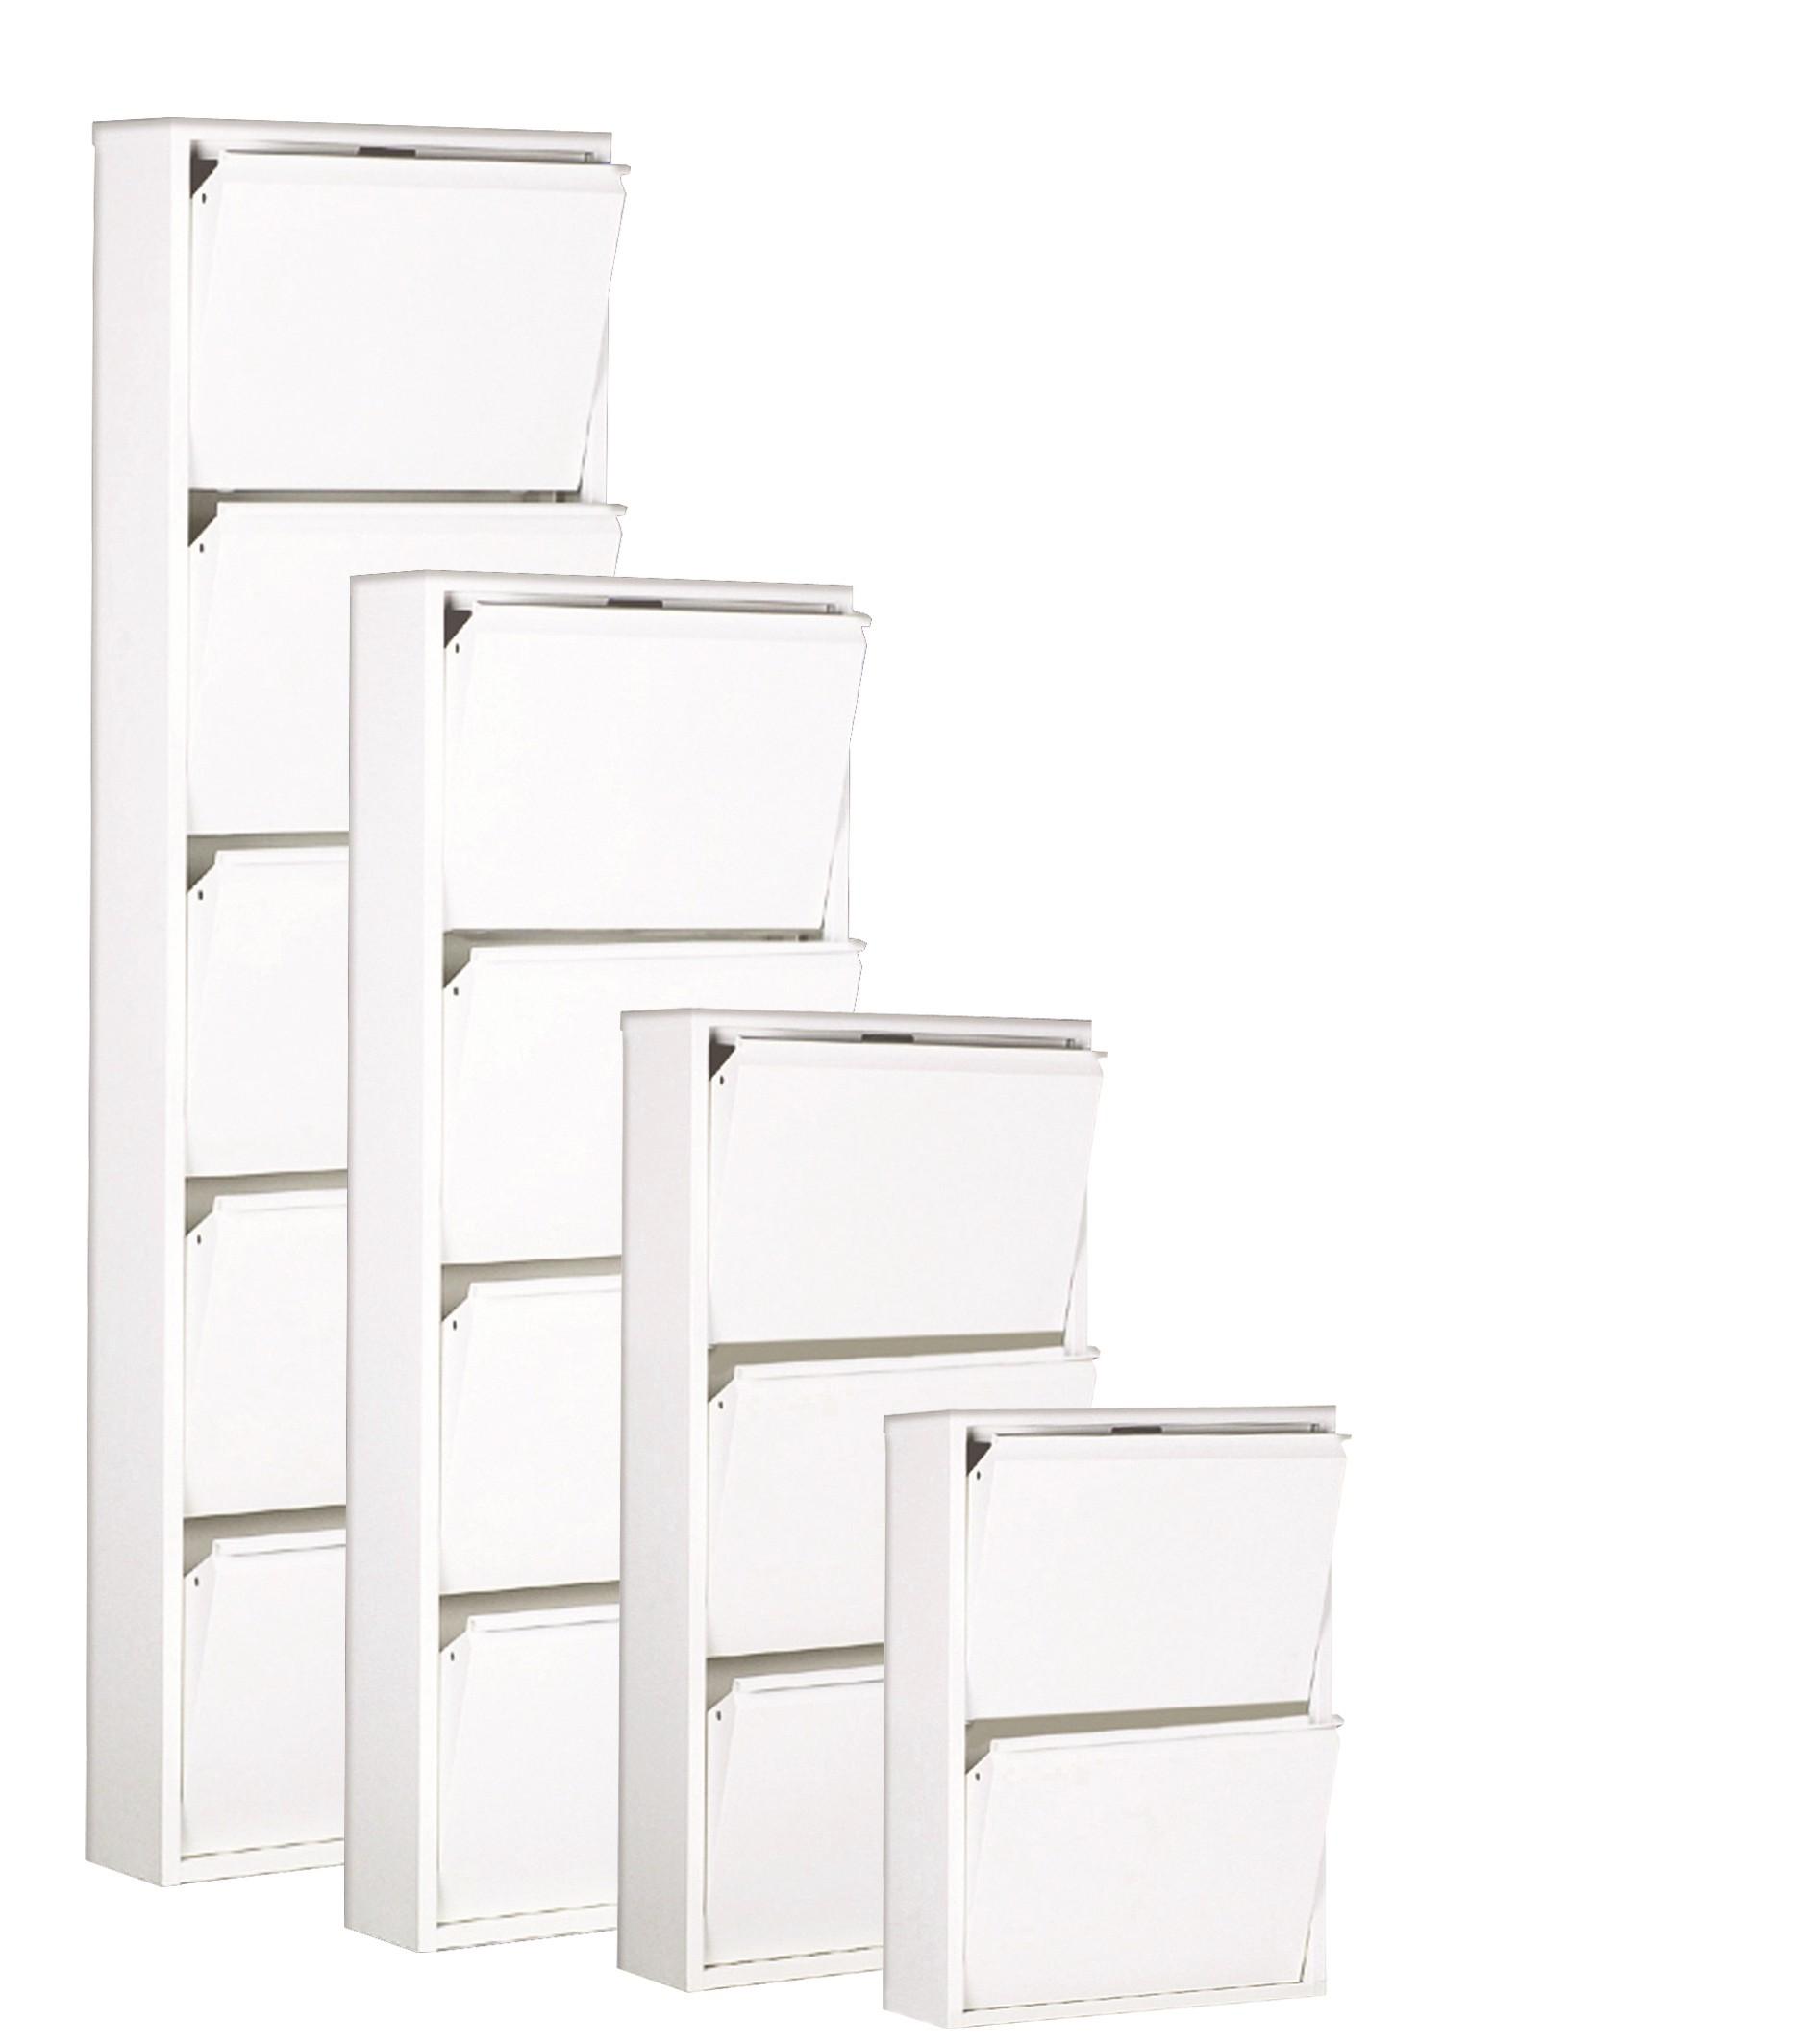 Schuhschrank Cabinet – Weiß – 3 Klappen – Höhe 102.5 cm, Magazin-Möbel jetzt bestellen